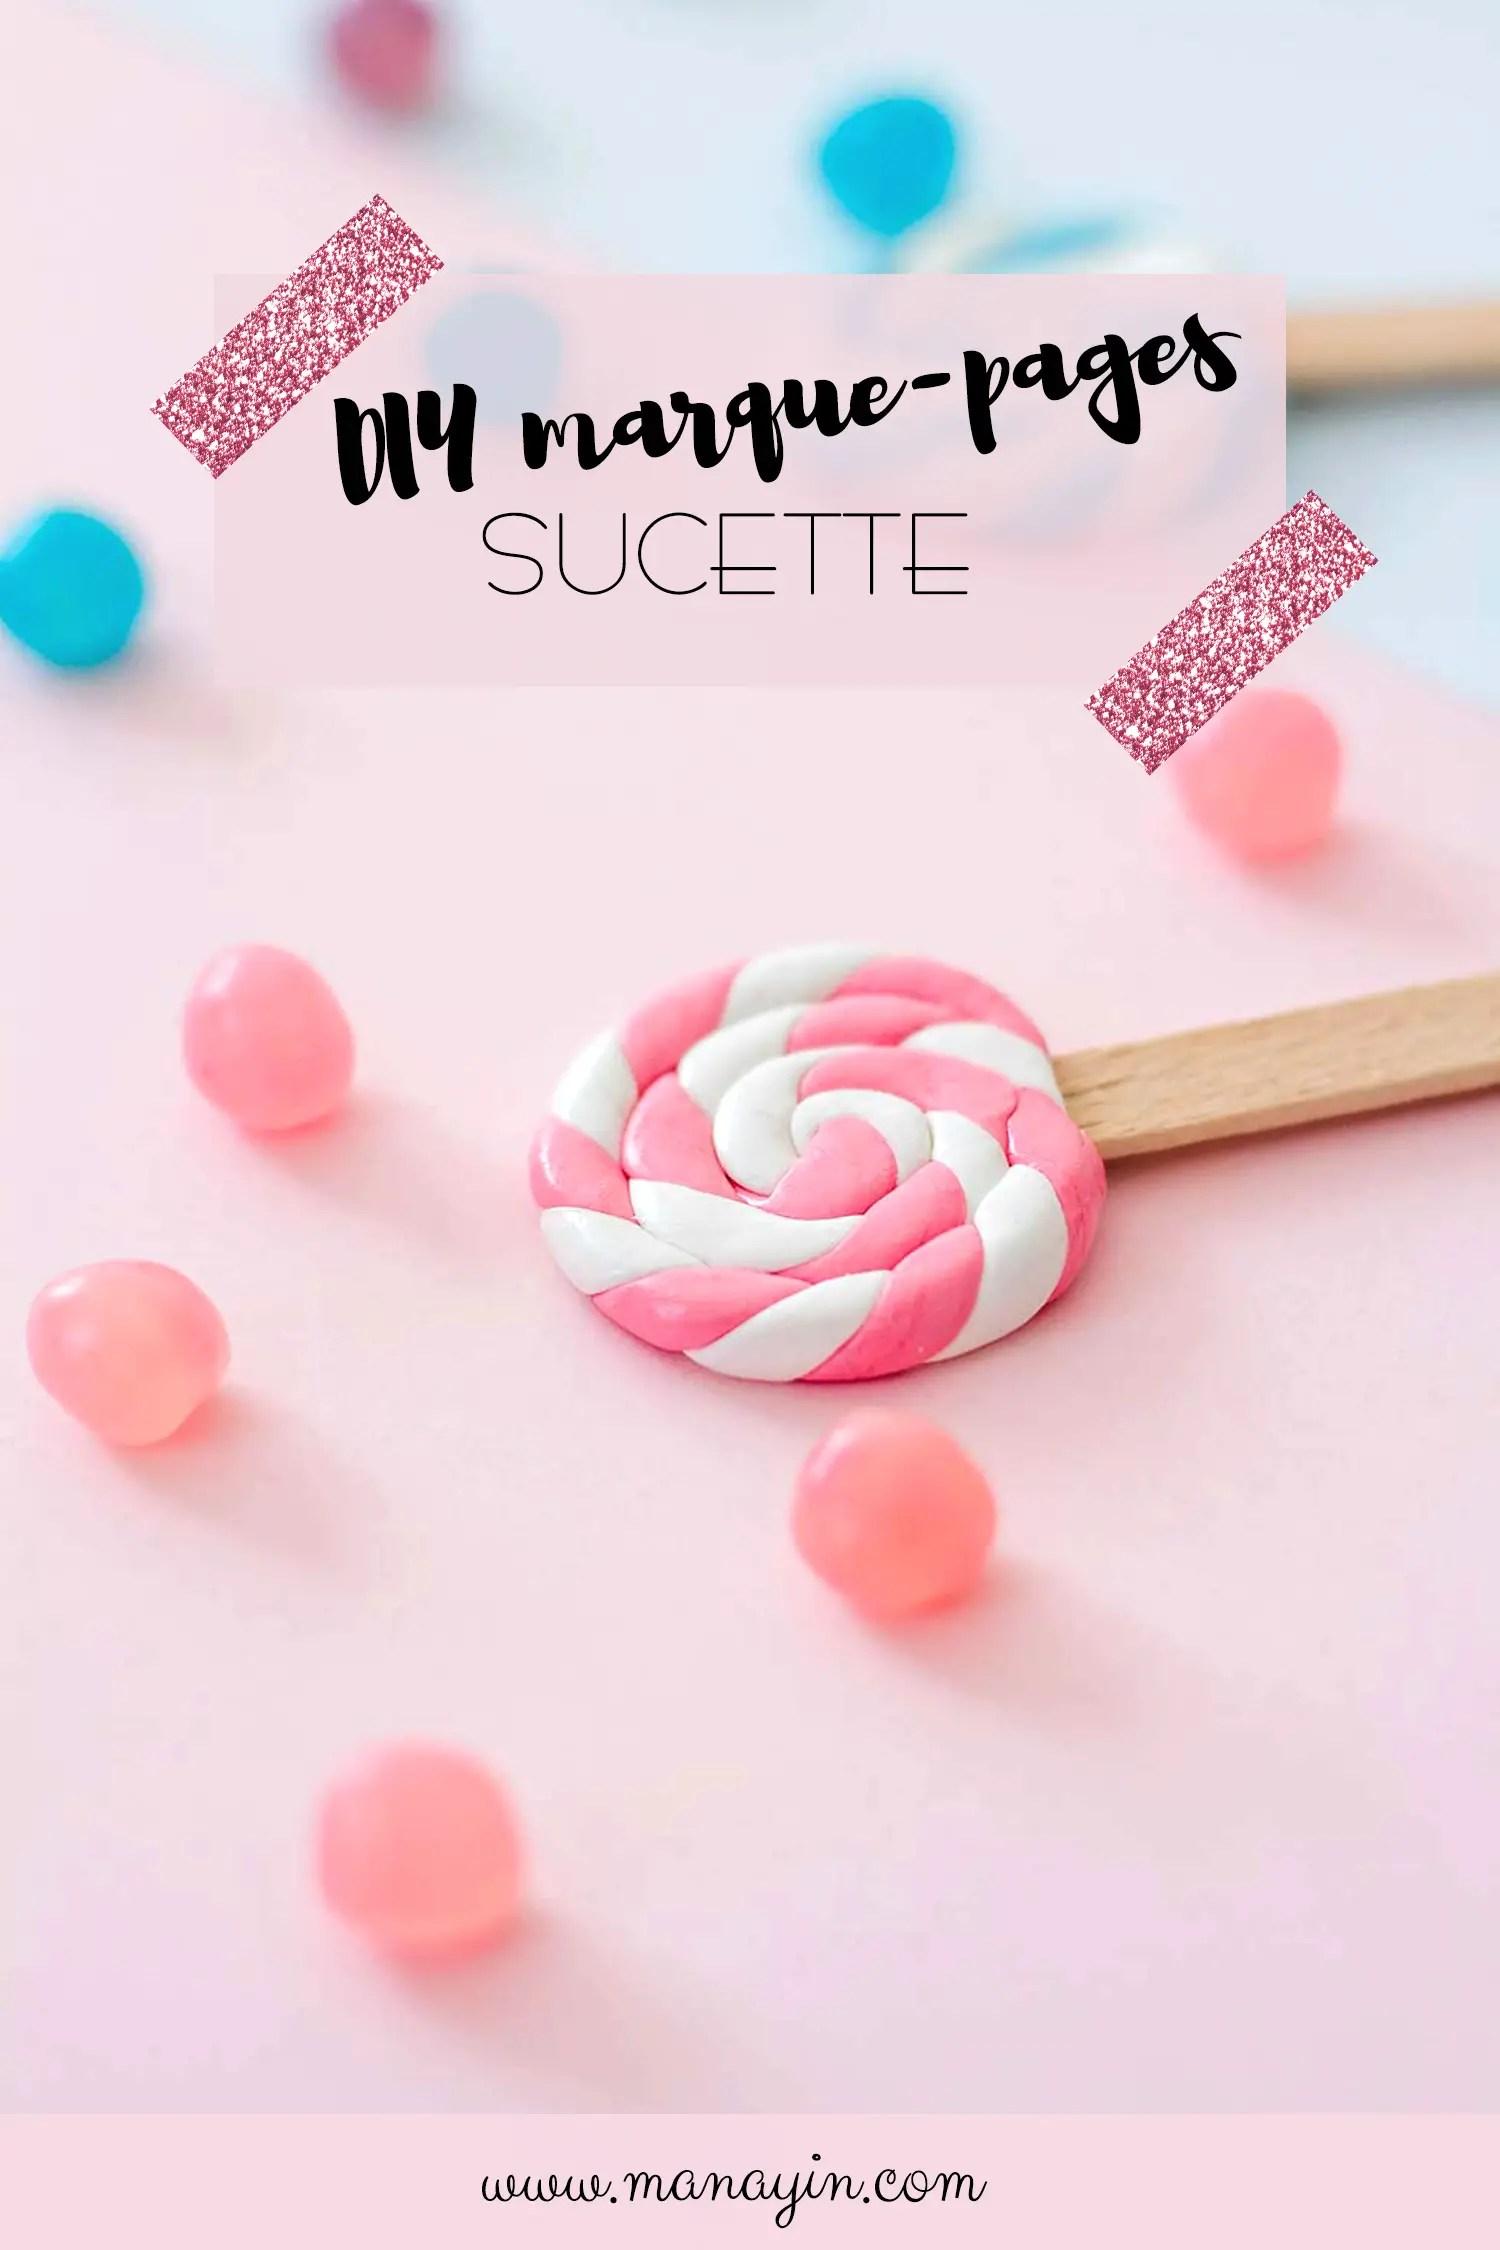 DIY marque-pages sucette